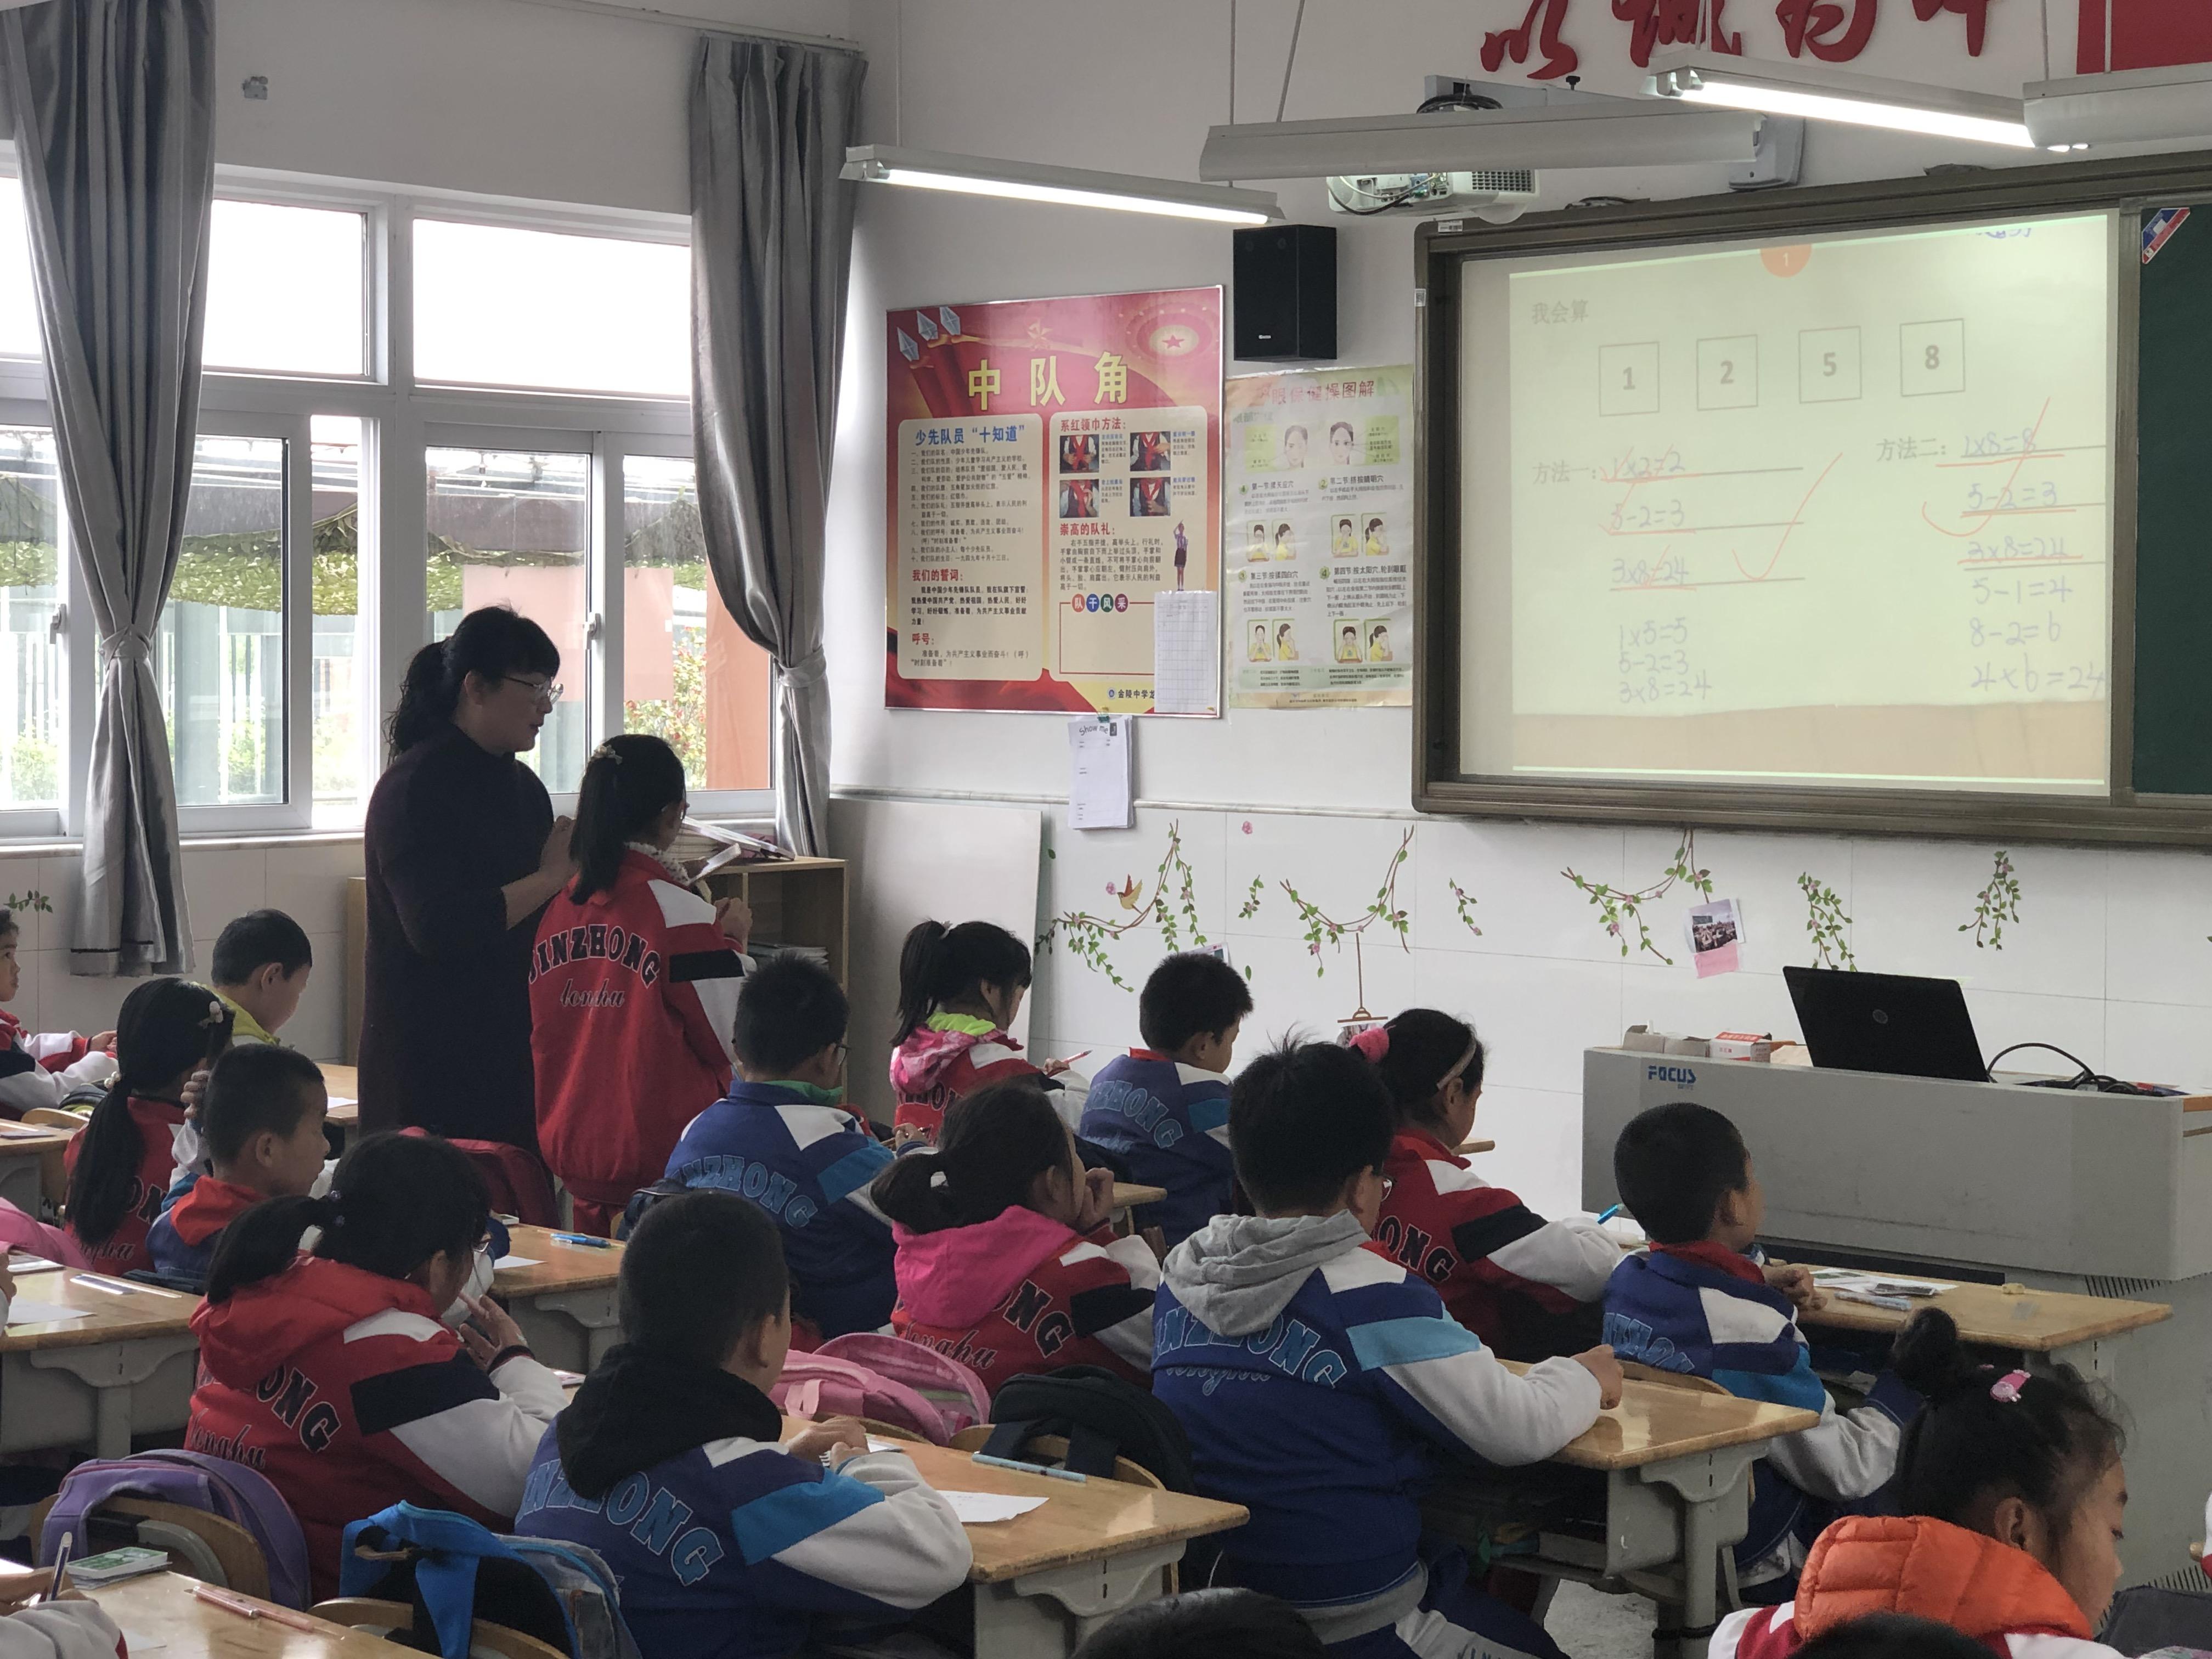 李旭梅老师执教的数学课《算24点》